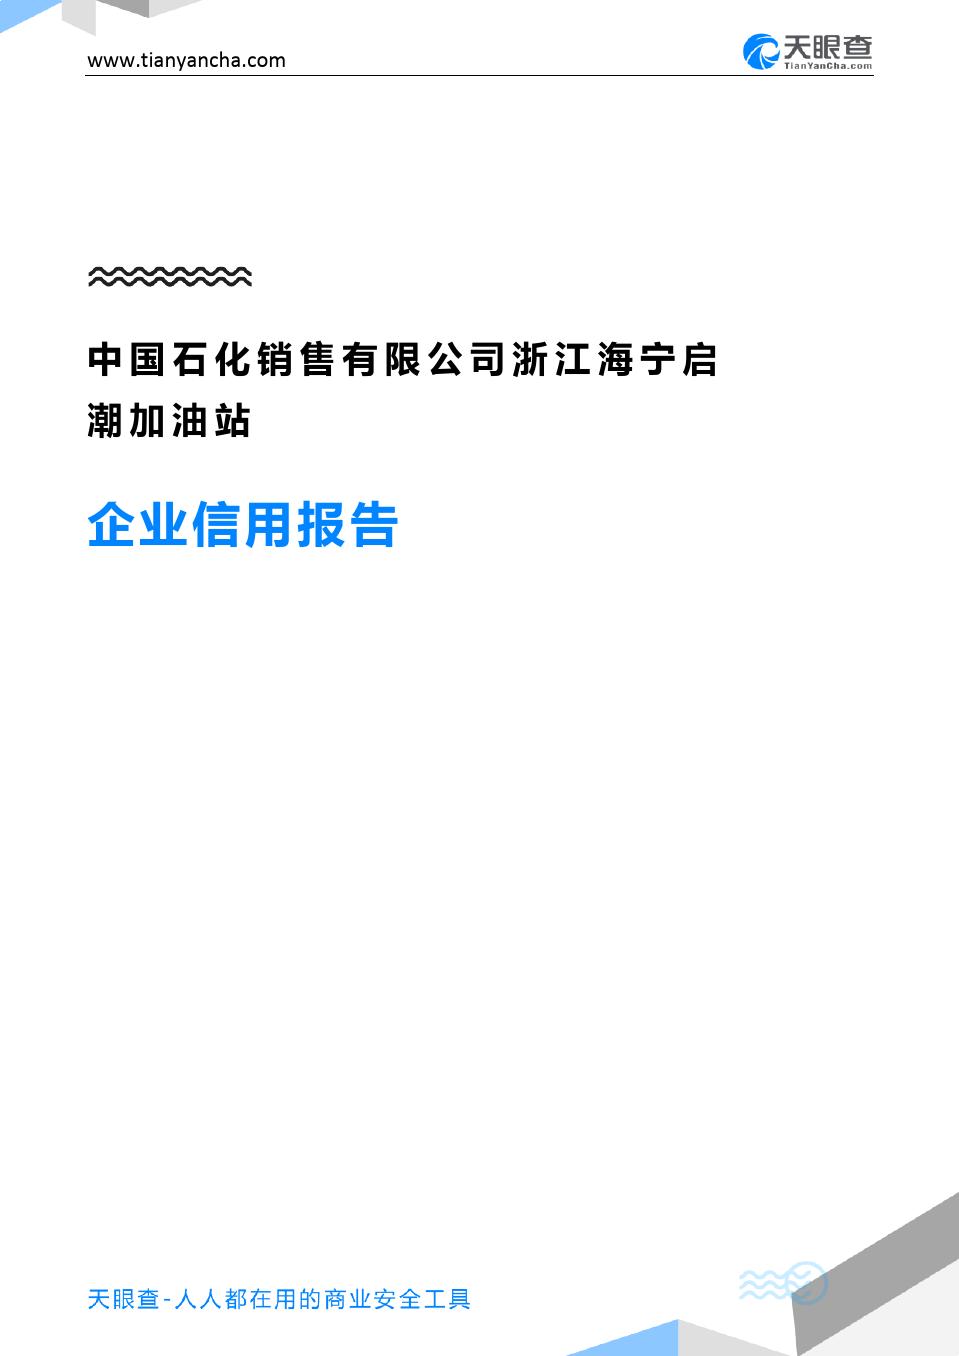 中国石化销售有限公司浙江海宁启潮加油站企业信用报告-天眼查